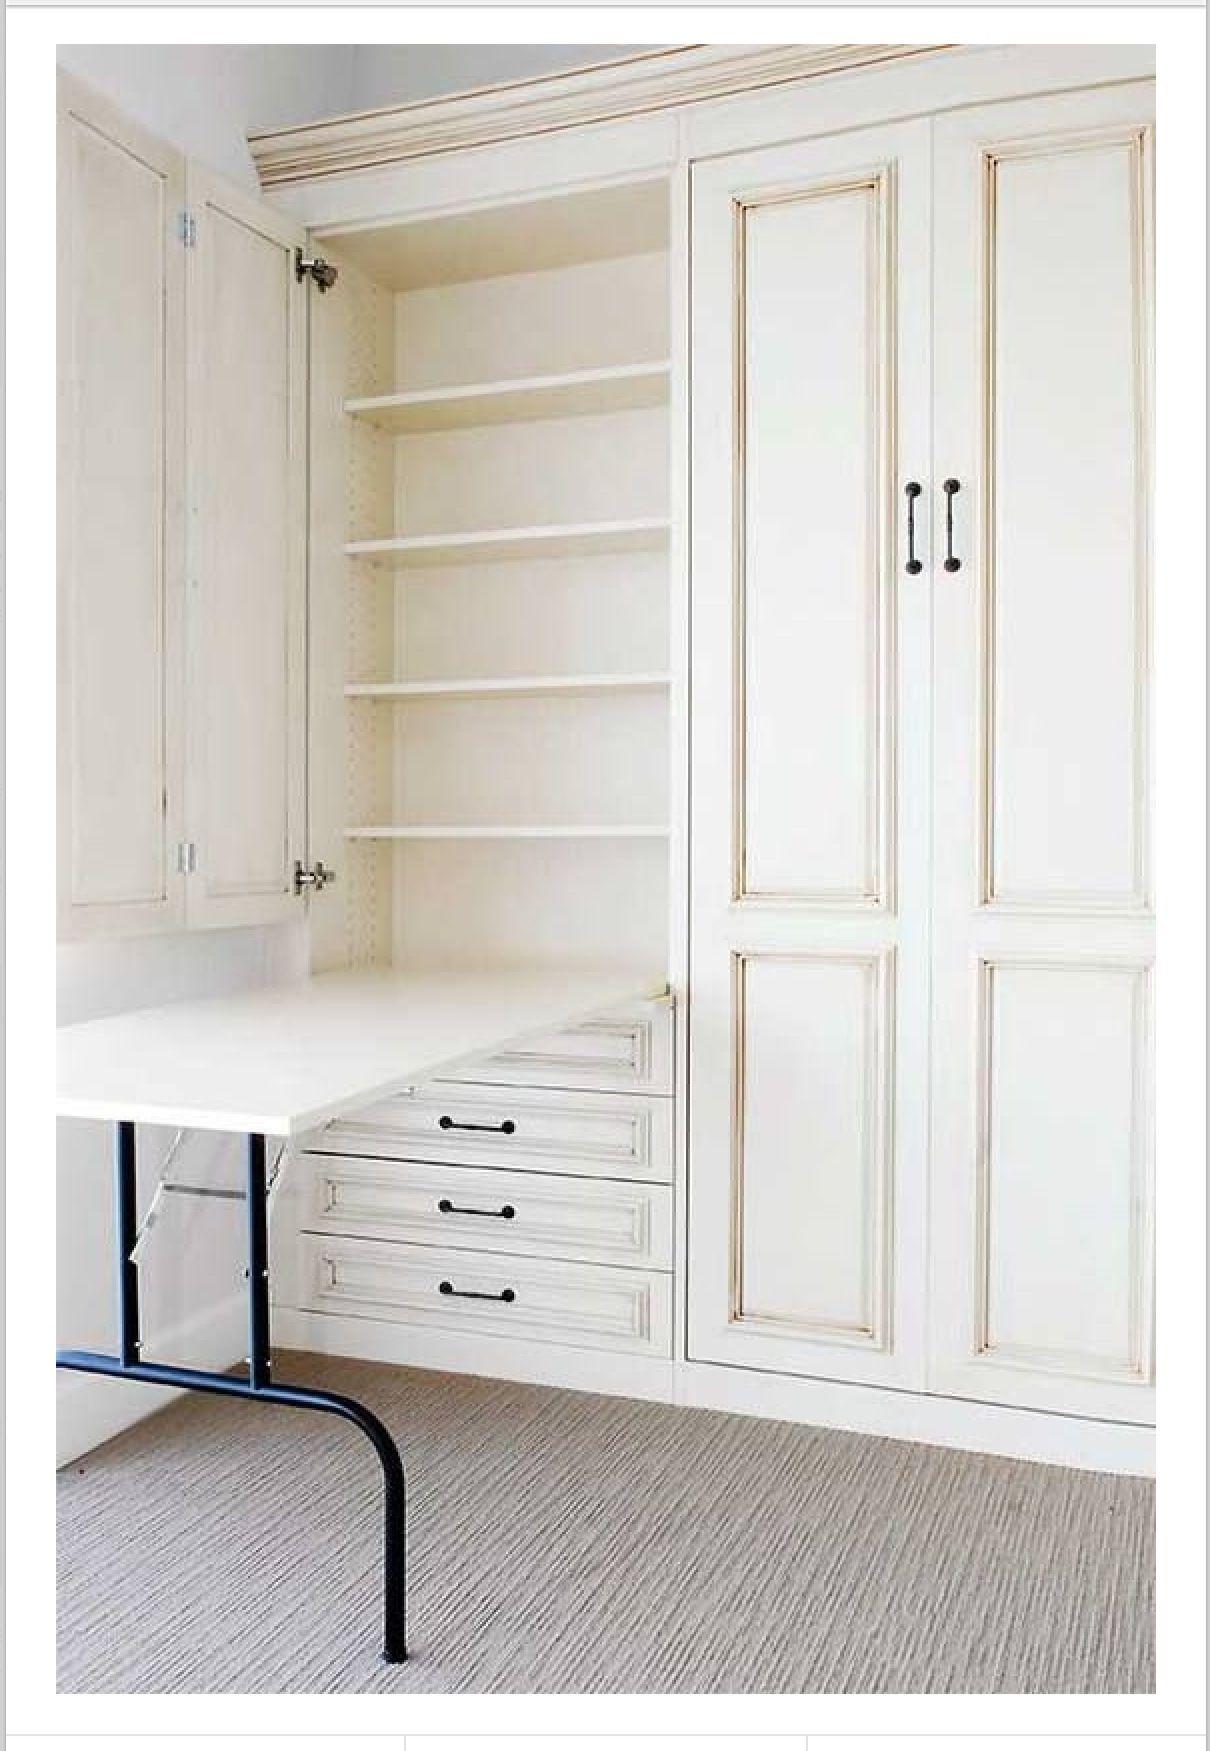 Drop down table for laundry or crafts inspirasjon til huset